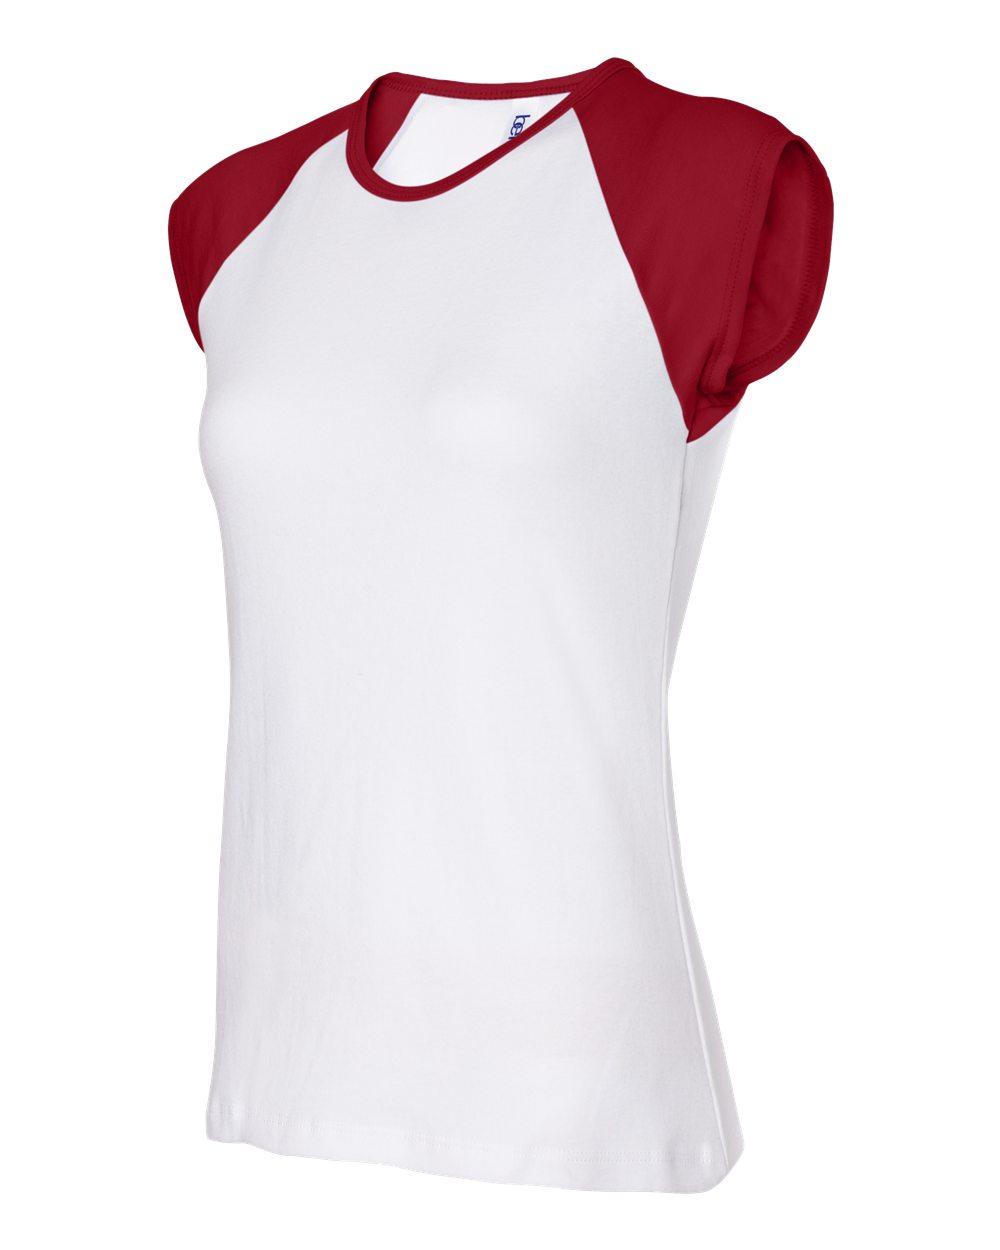 Bella 2020 White - Red